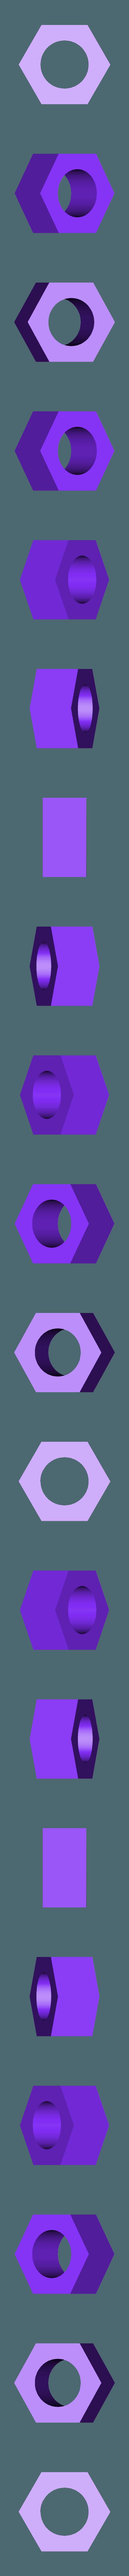 standoff_customizable_04_20190501-55-1nfmtlb.stl Télécharger fichier STL gratuit Brushless Shutter Bug • Plan pour impression 3D, noctaro